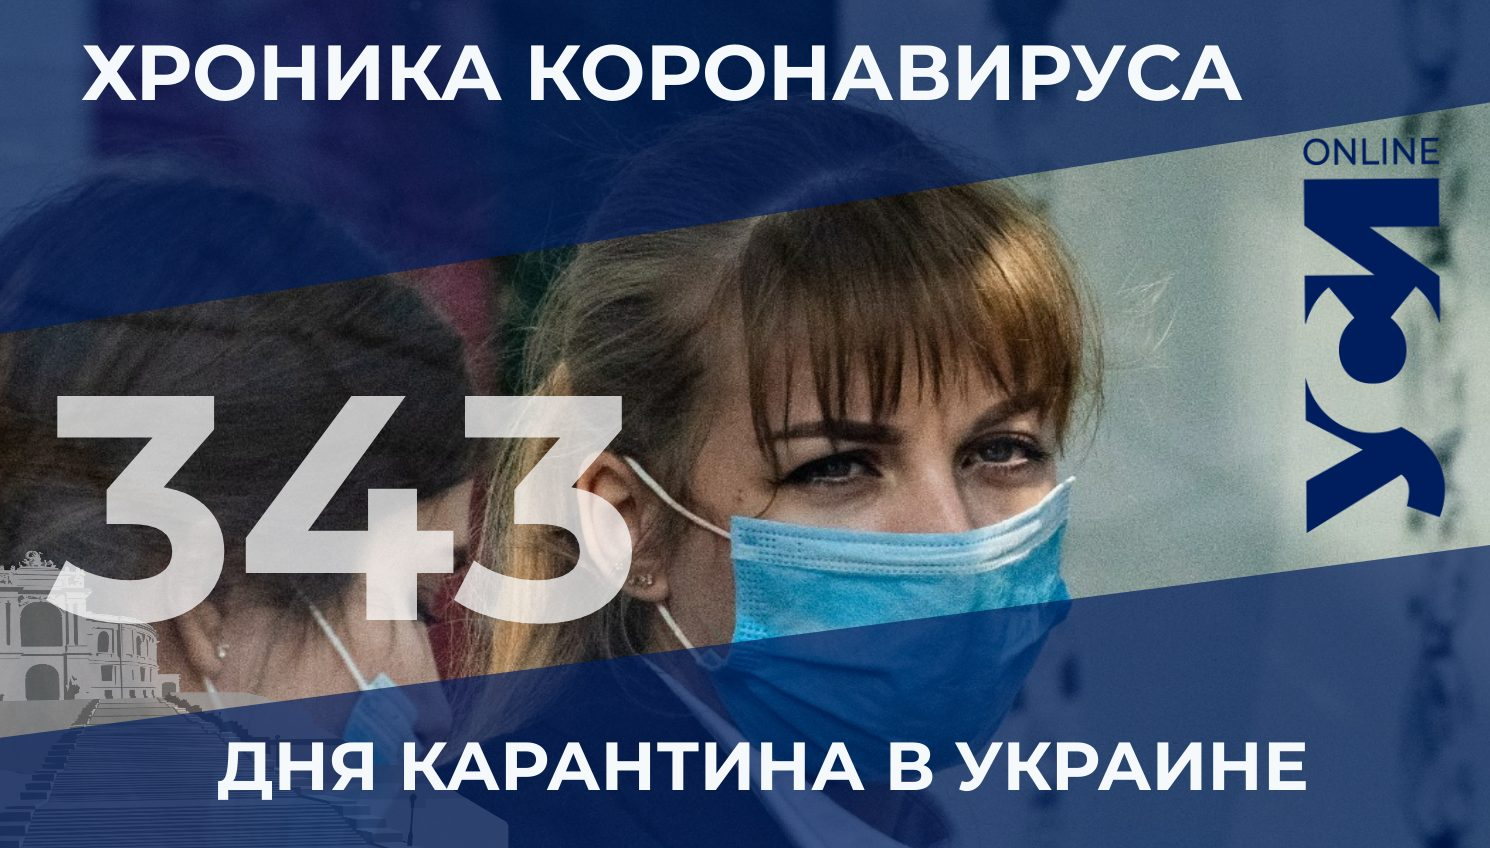 Хроника пандемии: в Украине и Одесской области небольшой рост заболеваемости «фото»